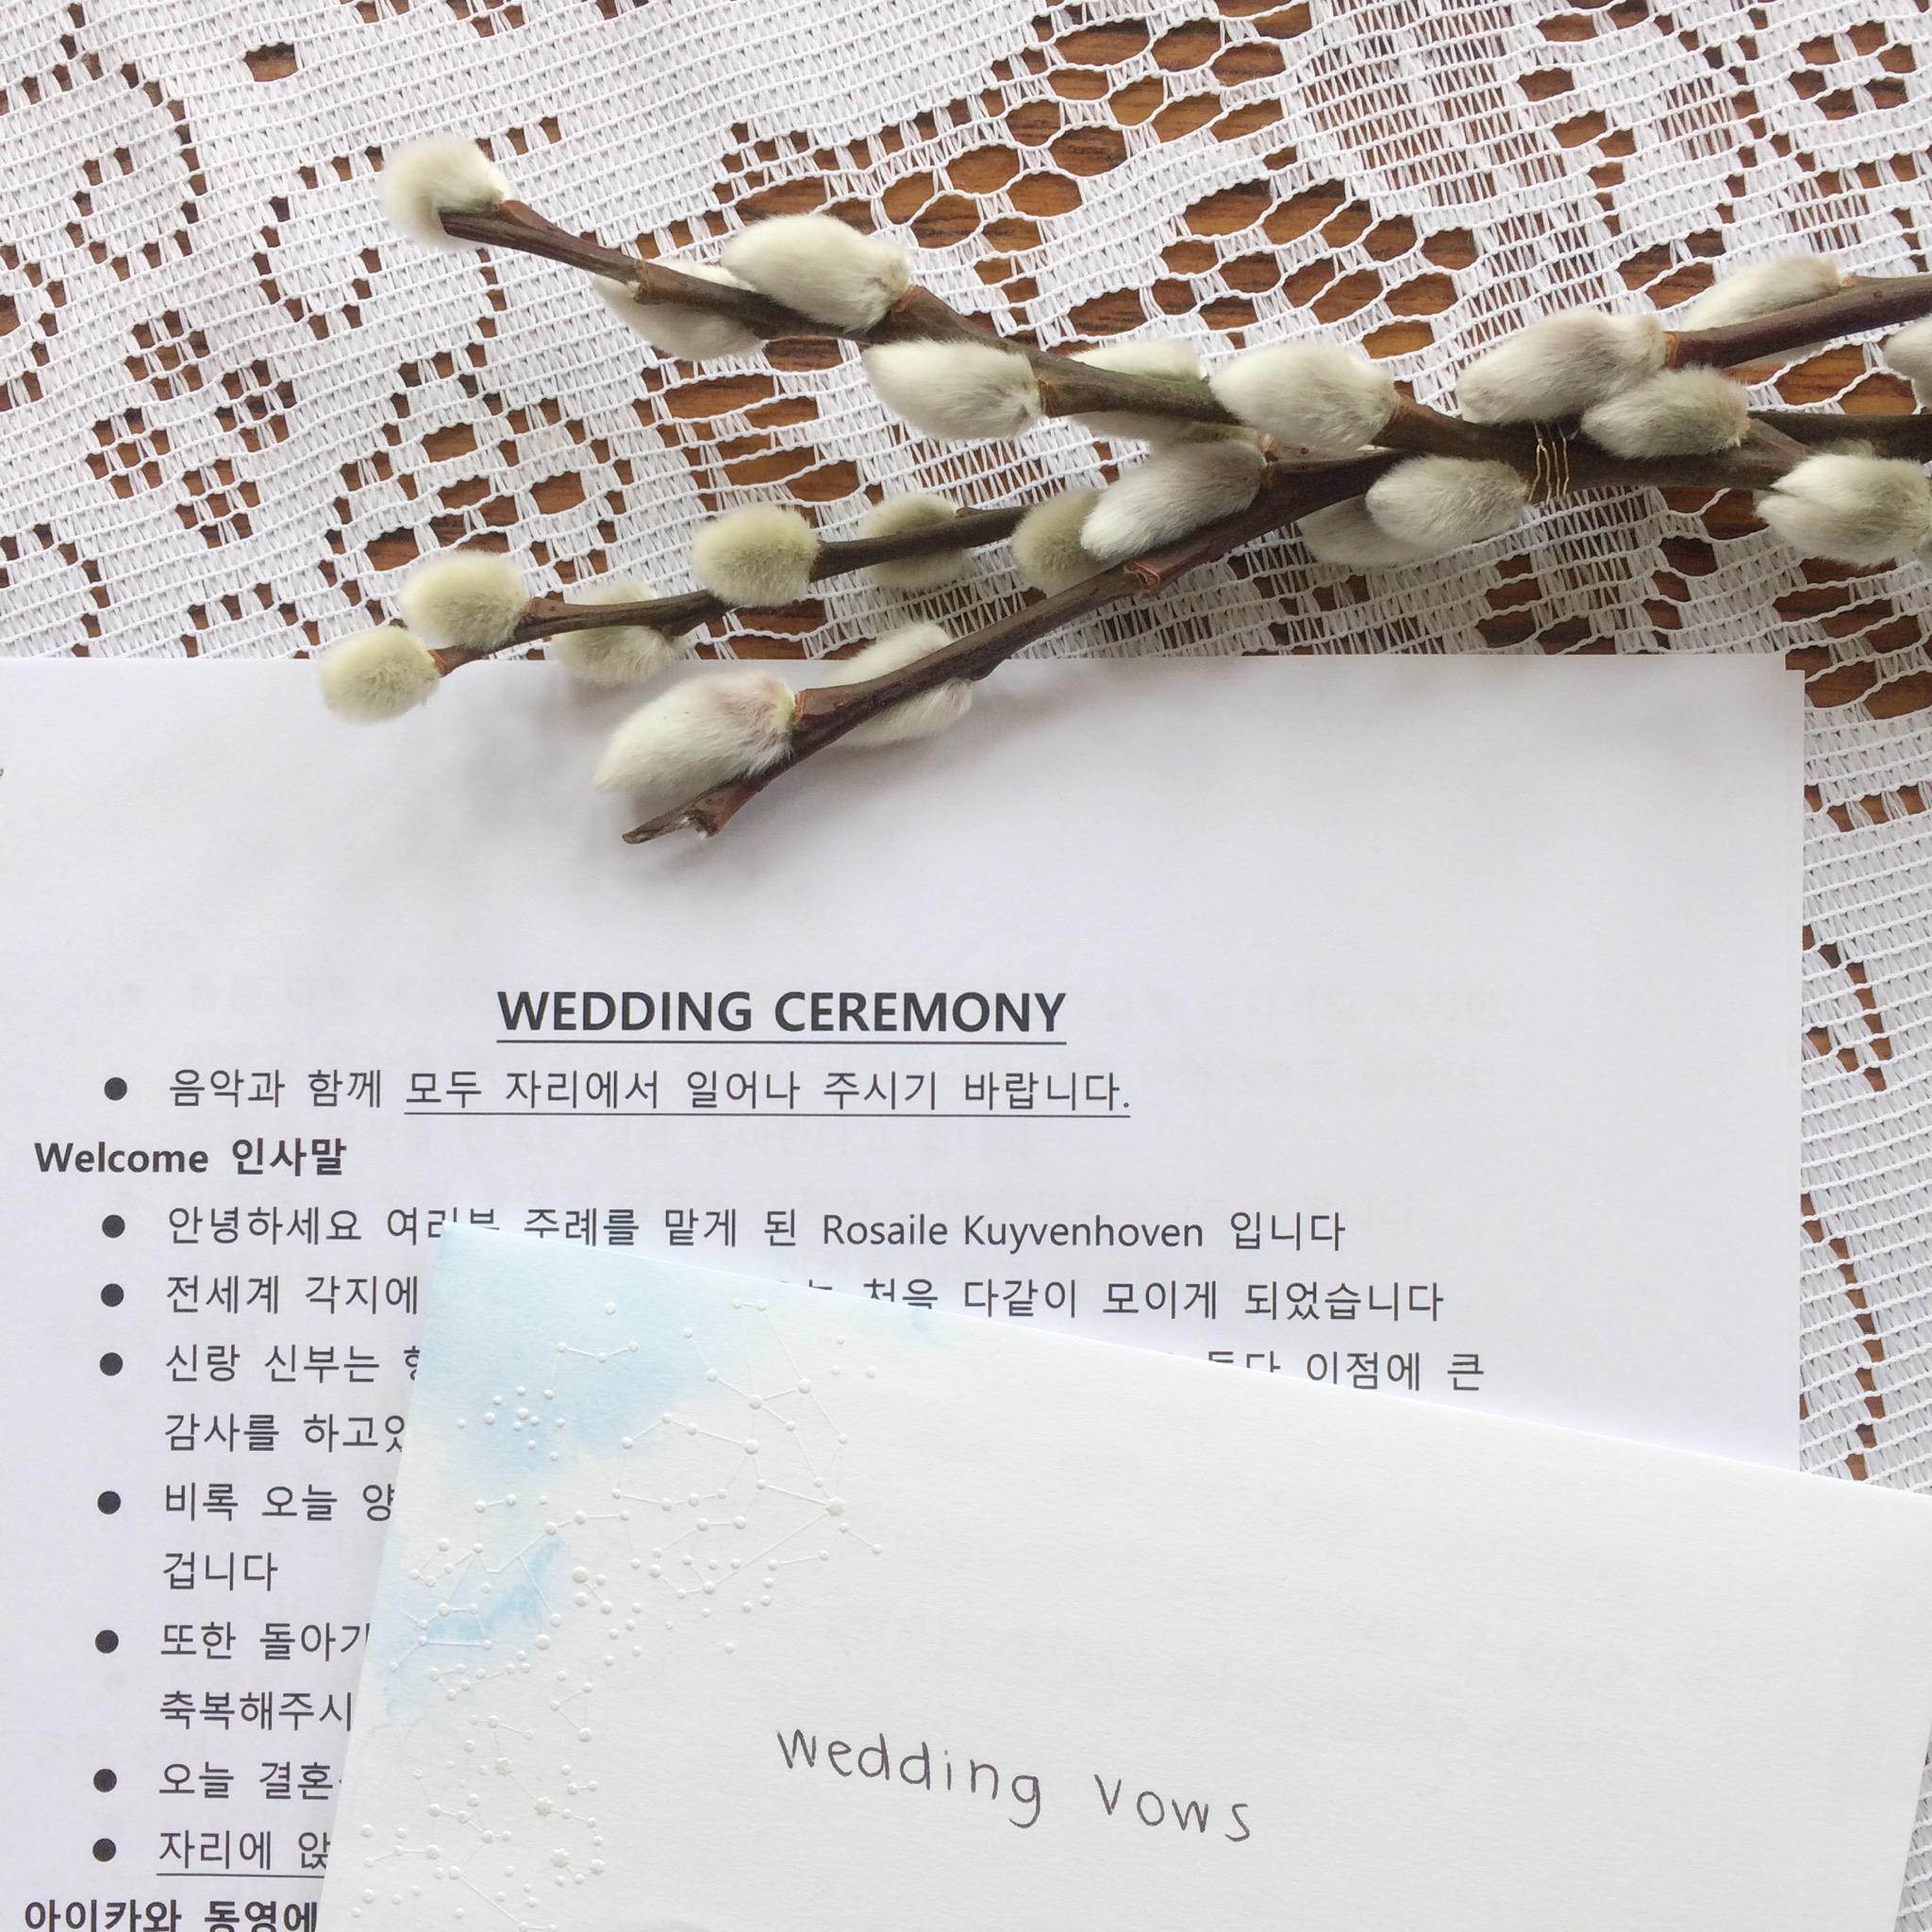 Multilingual wedding ceremony. Photo credits (c) Rosalie Kuyvenhoven